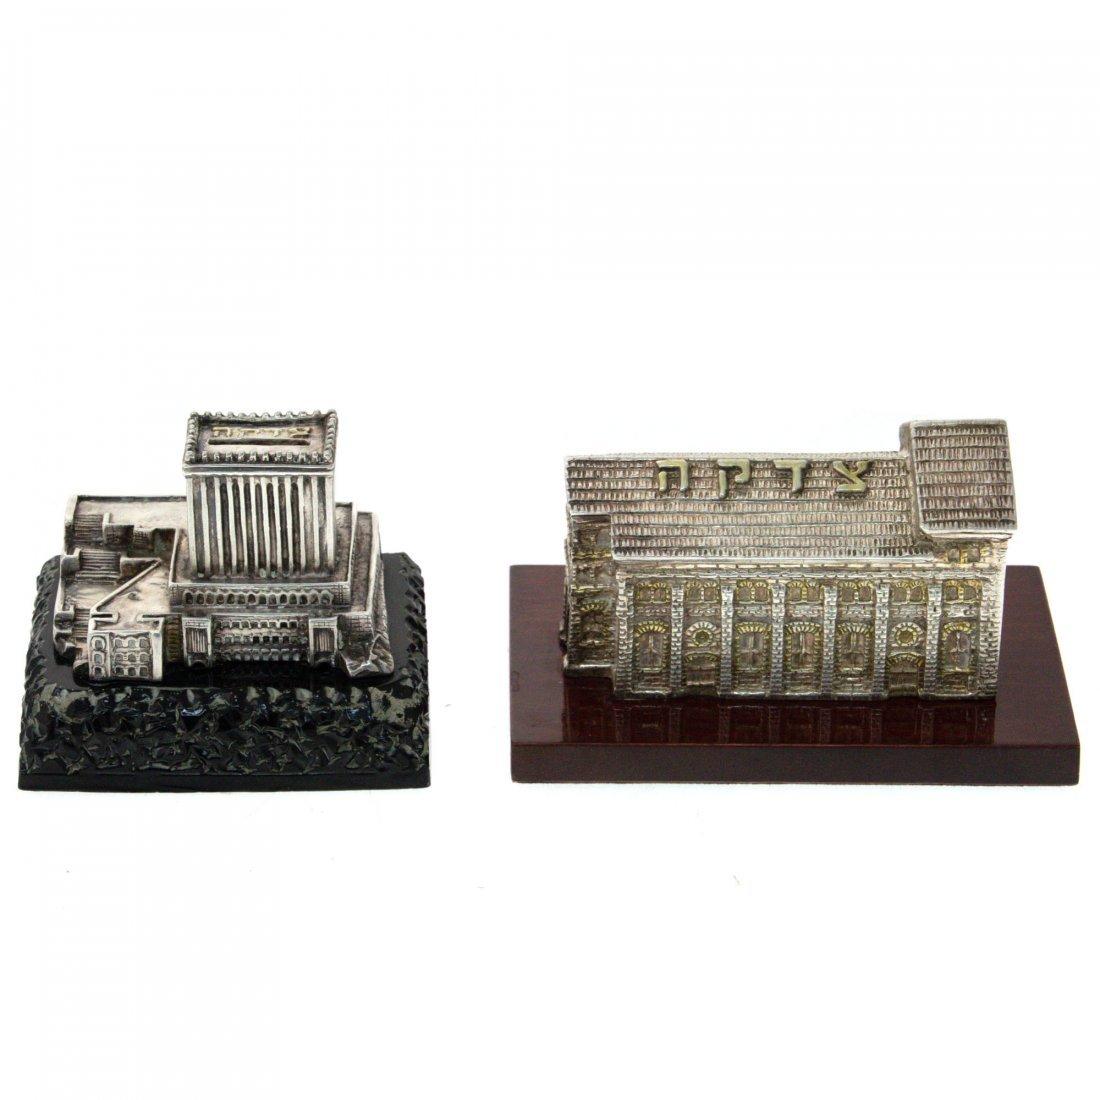 Two Tzedakah Charity Boxes, Judaica.